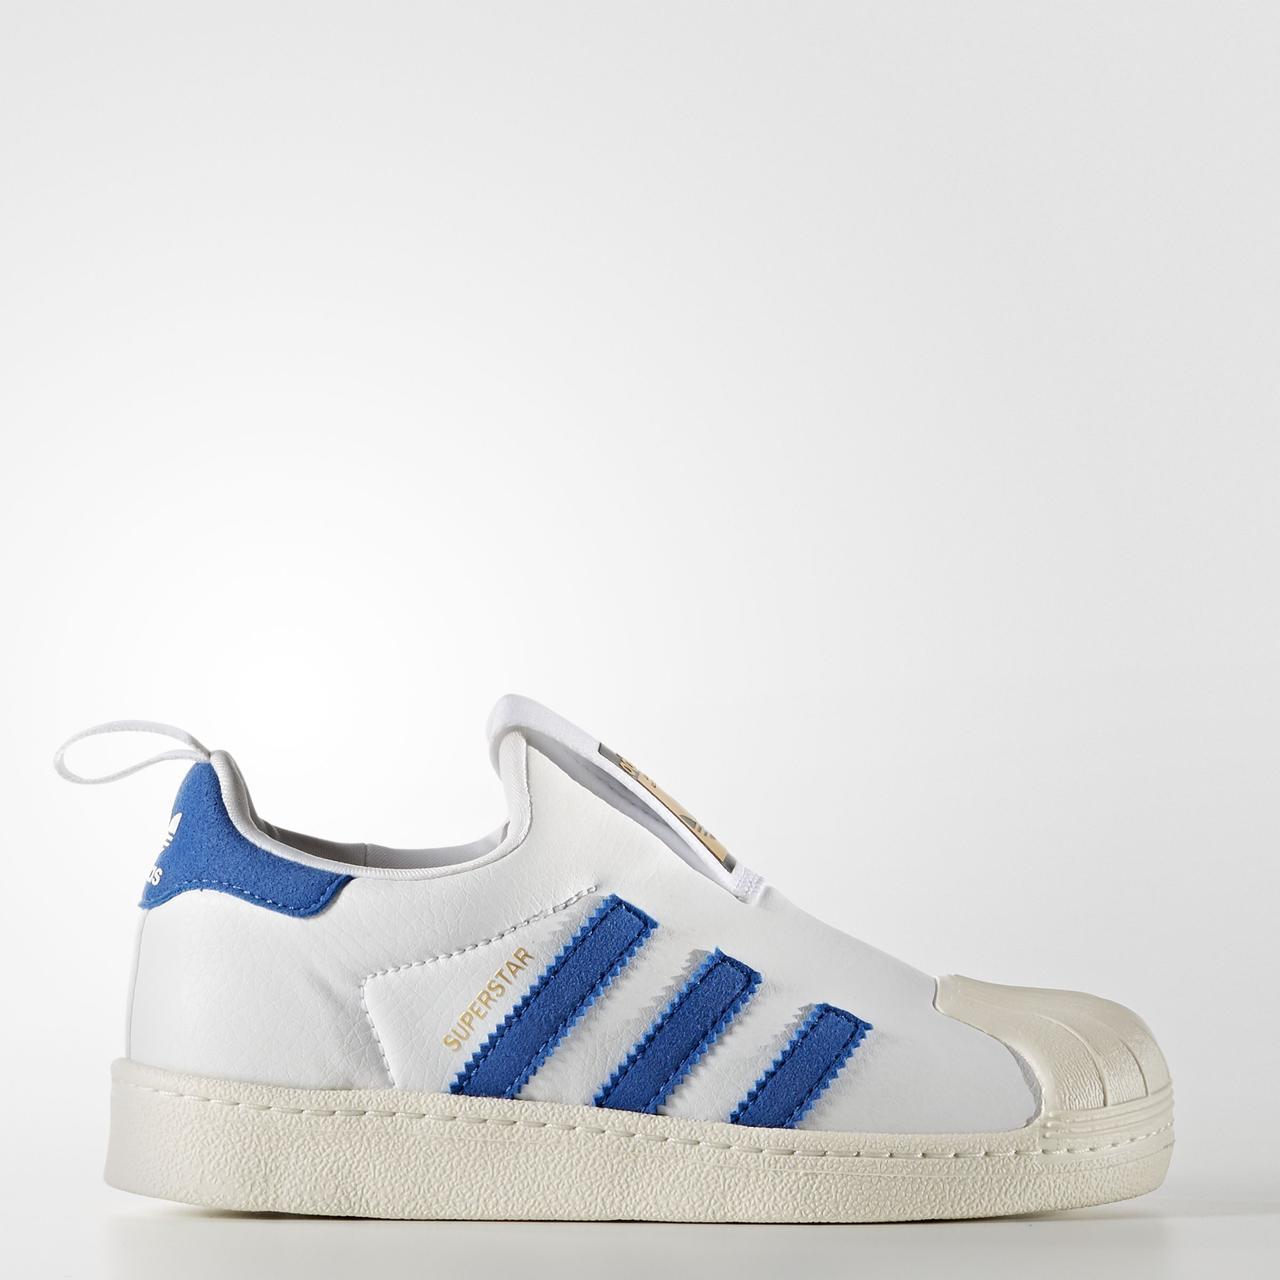 96f8c19a Детские Кроссовки Adidas Superstar 360 Kids BA7115: продажа, цена в ...